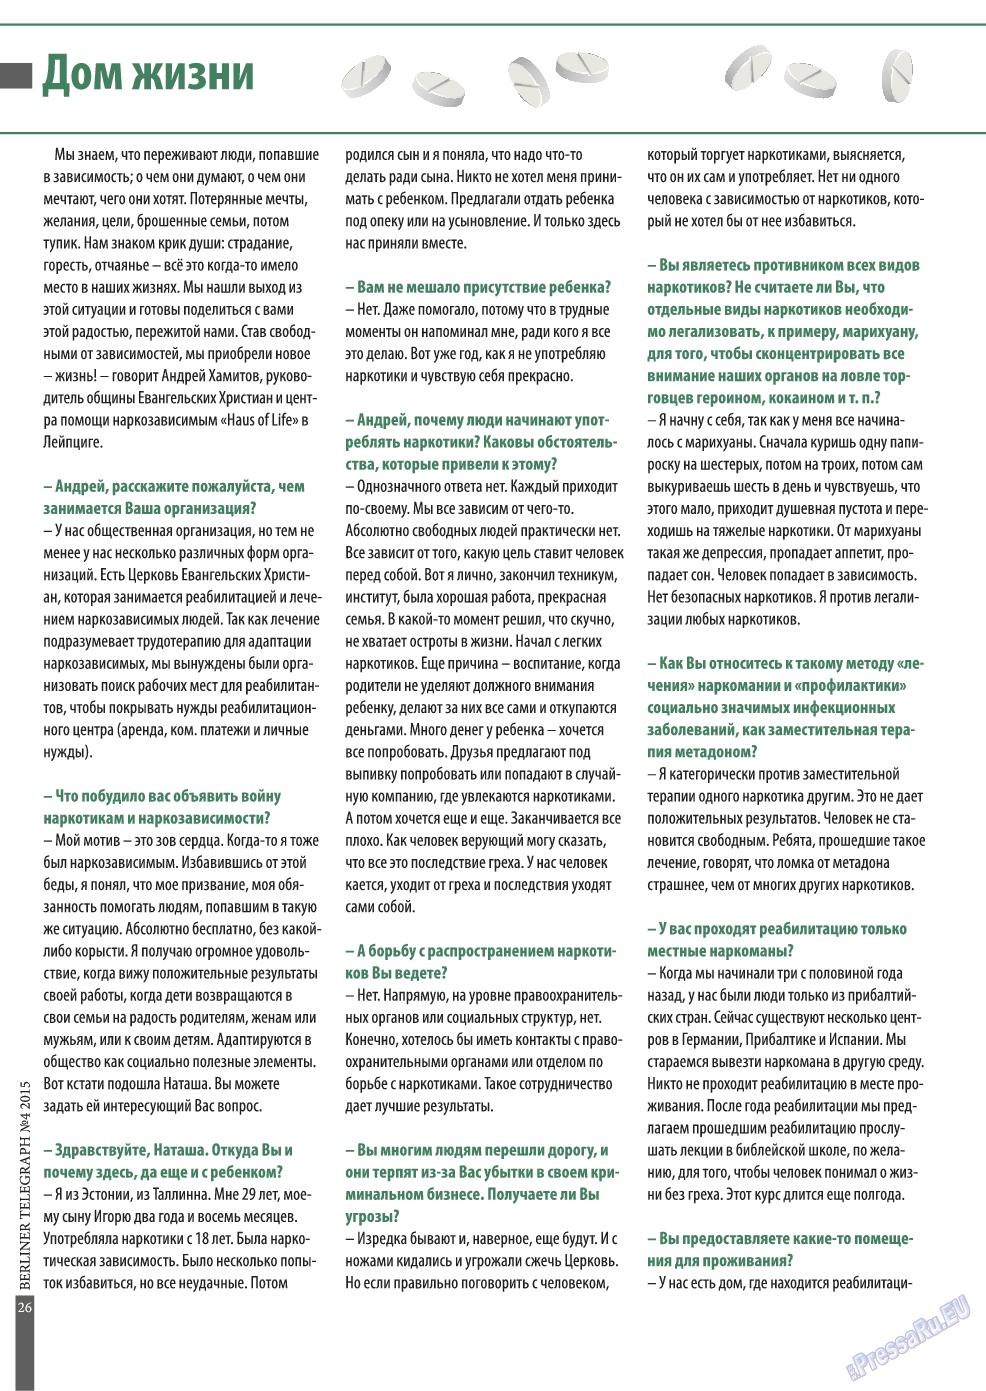 Берлинский телеграф (журнал). 2015 год, номер 4, стр. 26